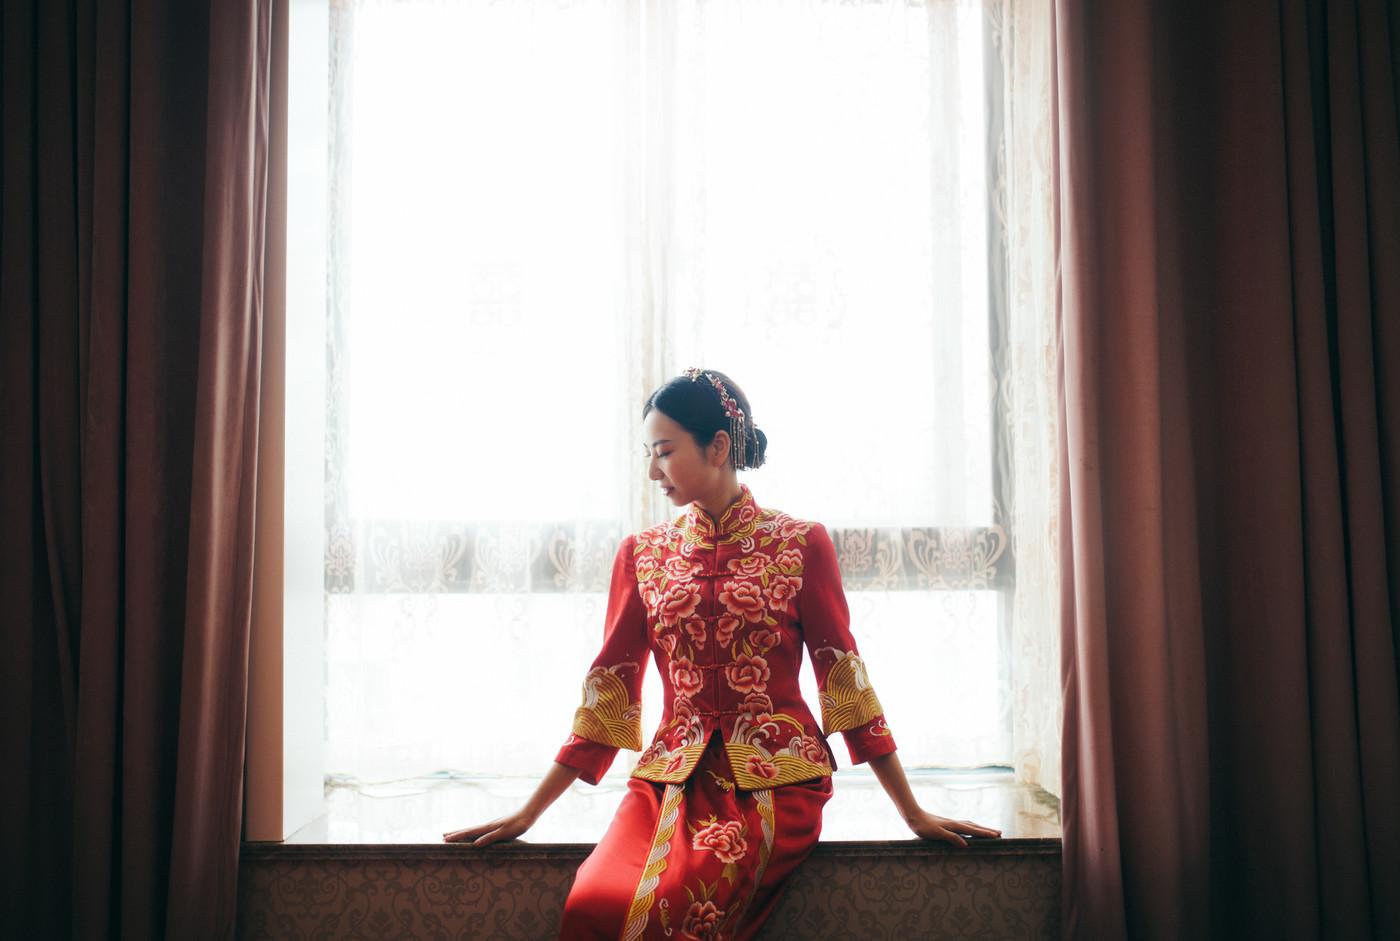 【KAI 婚礼纪实】P&S 南京婚礼4